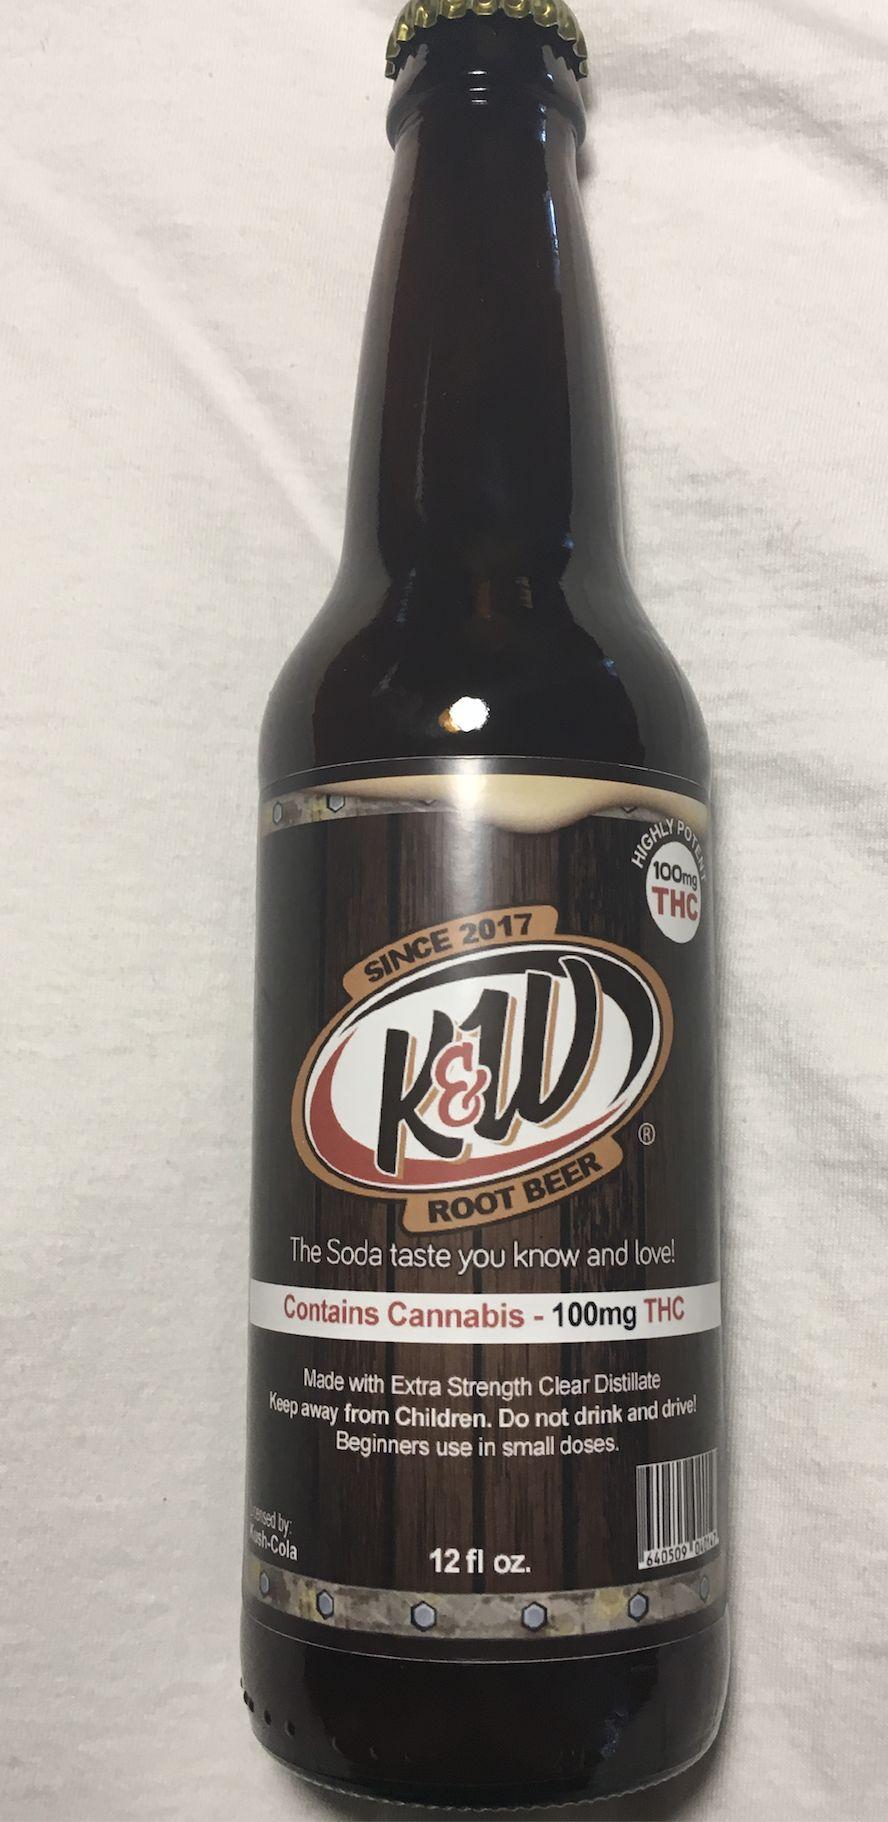 KW Rootbeer Soda 100mg